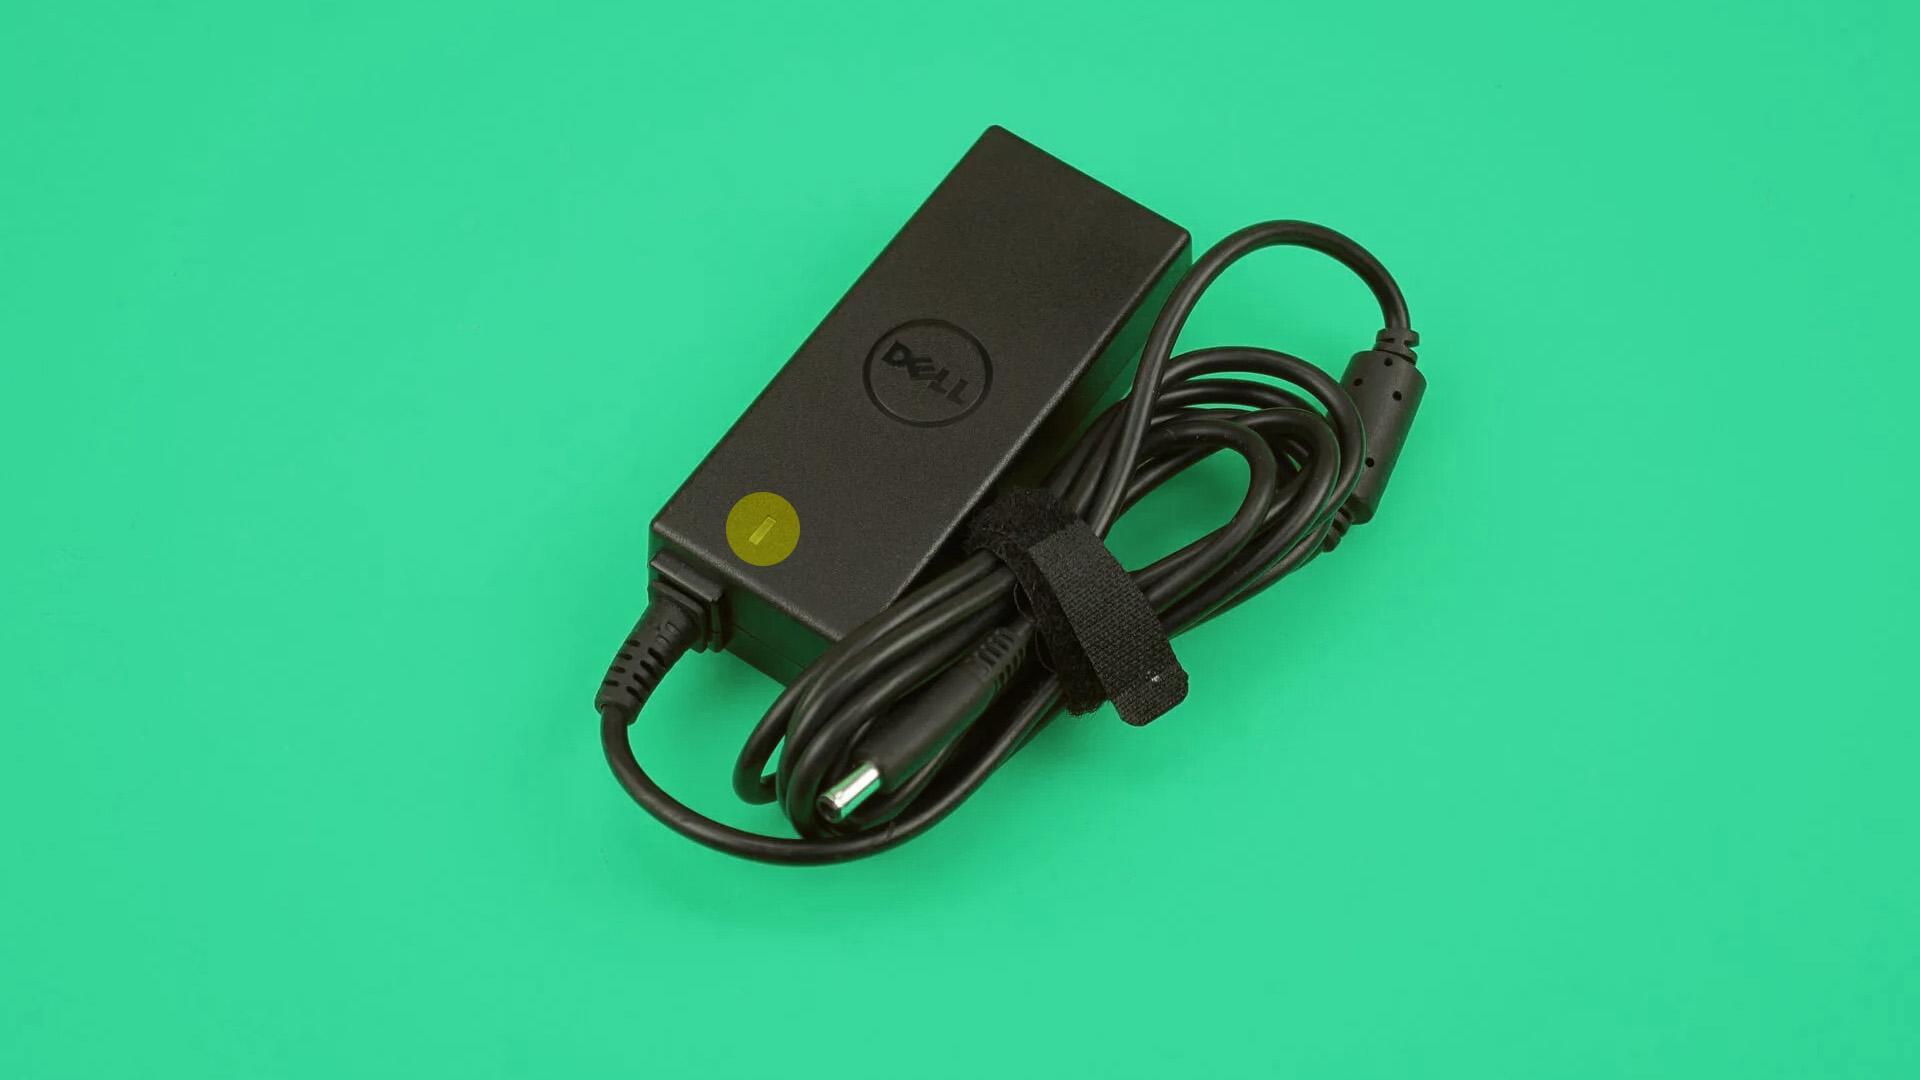 Зарядное устройство ноутбука: провод и индикатор